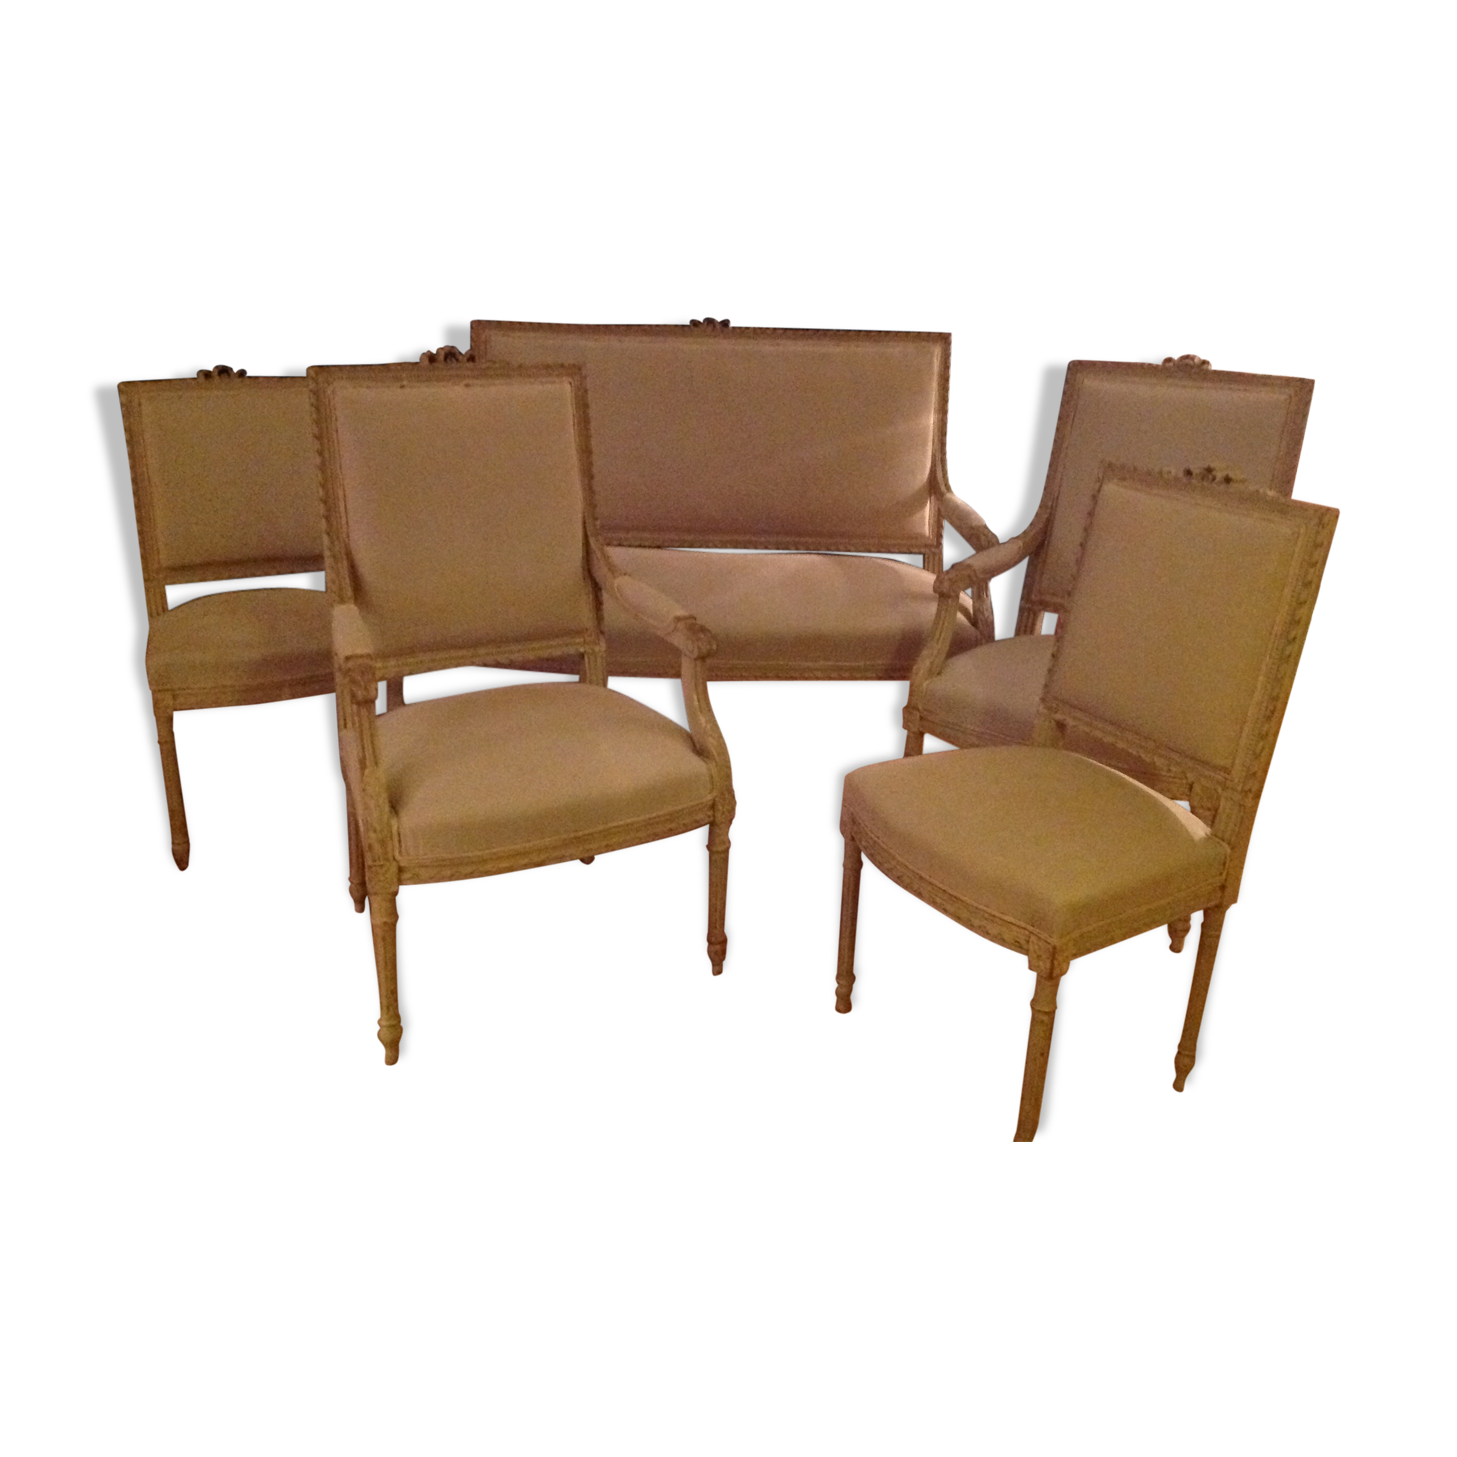 %name Résultat Supérieur 1 Inspirant Canape Lit Und Chaise Napoleon Transparente Pour Deco Chambre Pic 2017 Shdy7